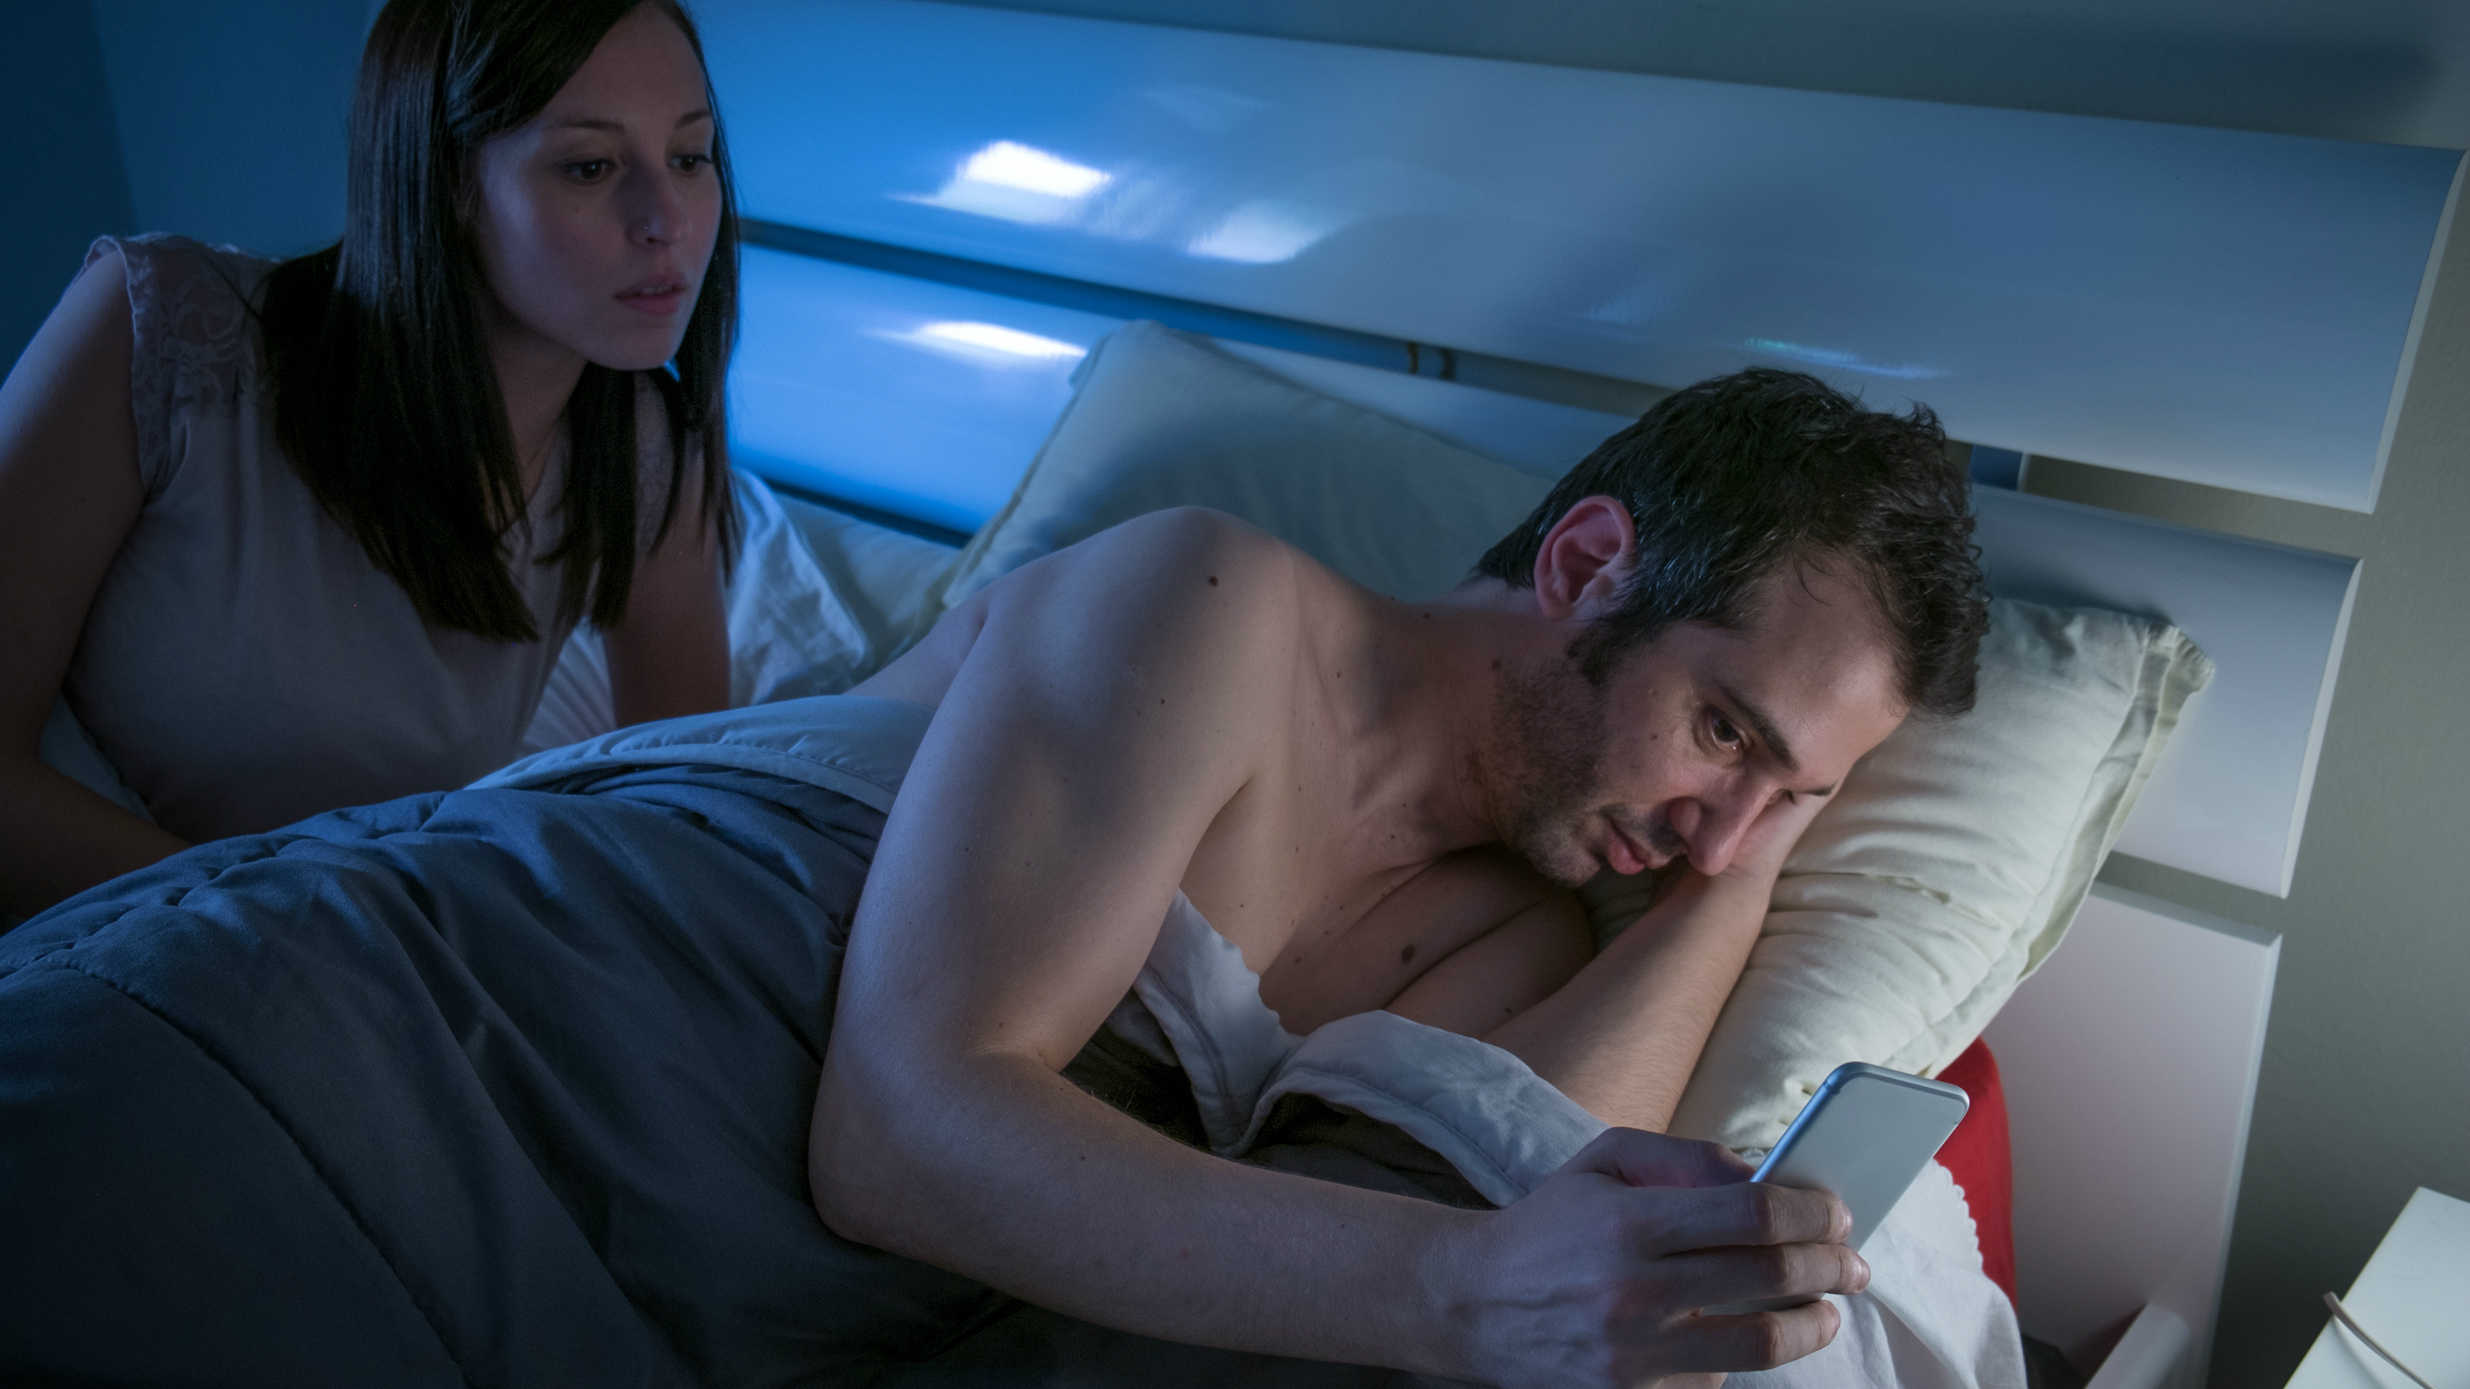 ingyenes valóság királyok tini pornó